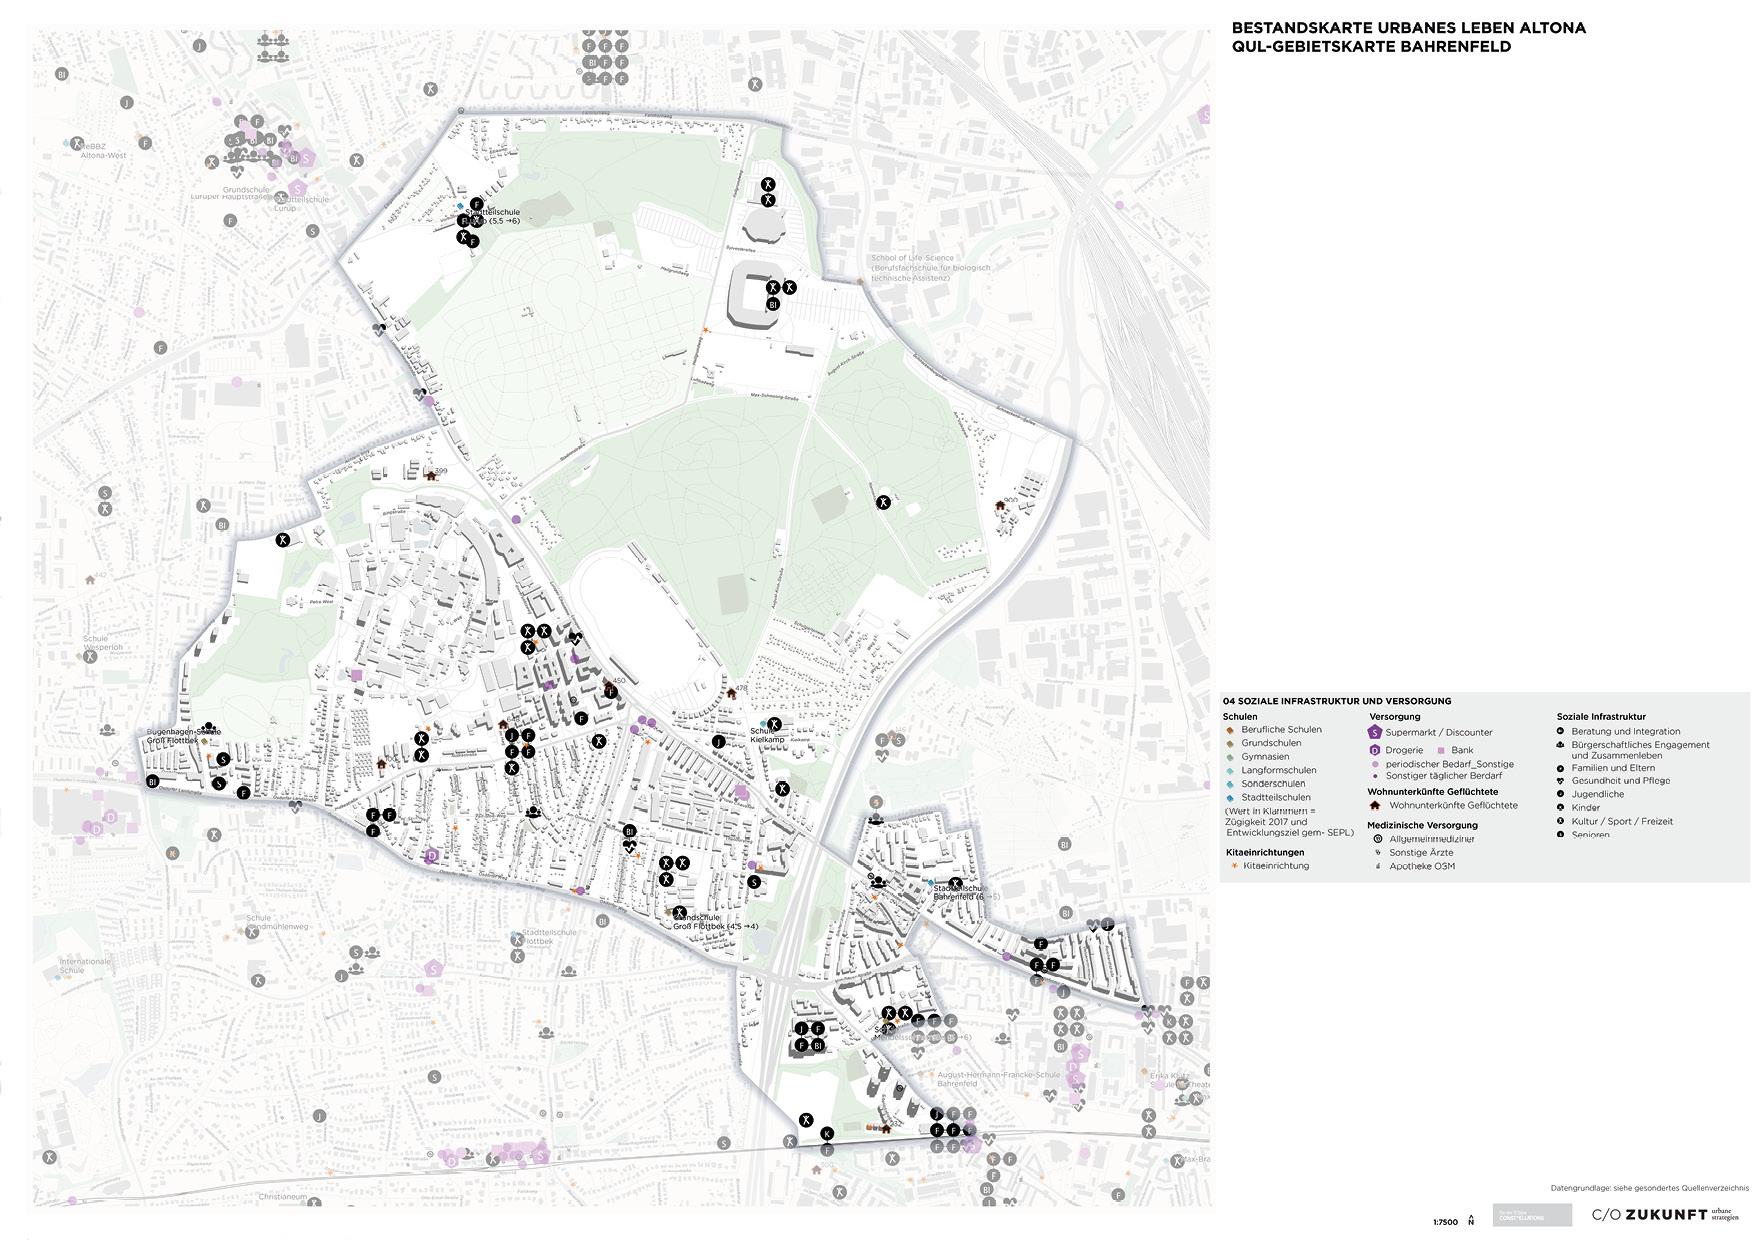 Bestandskarte Soziale Infrastruktur und Versorgung QuL Gebeiet Bahrenfeld - Altona